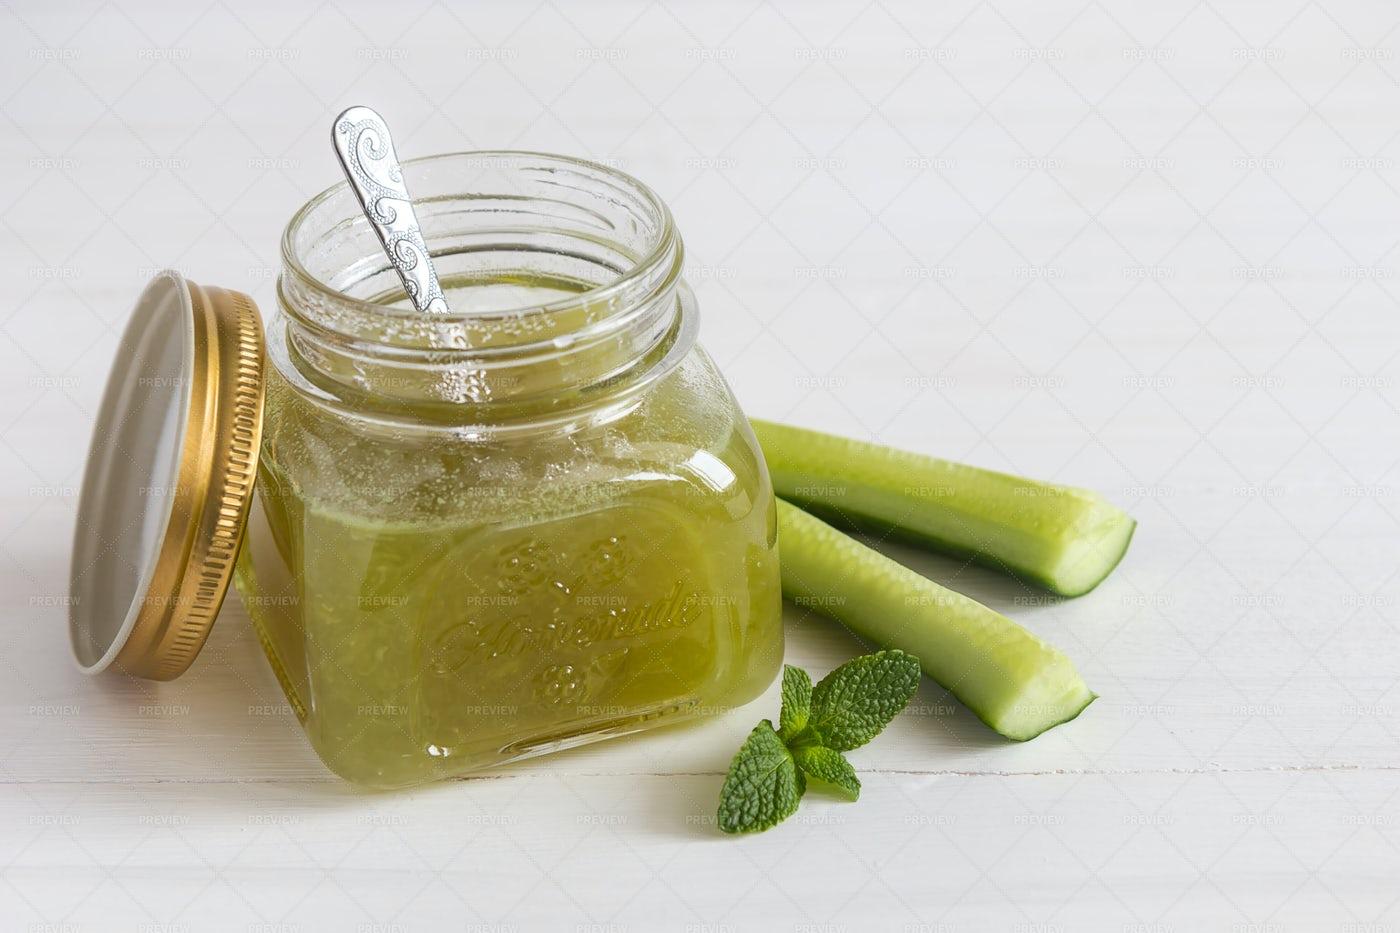 Jar Of Cucumber Jam: Stock Photos